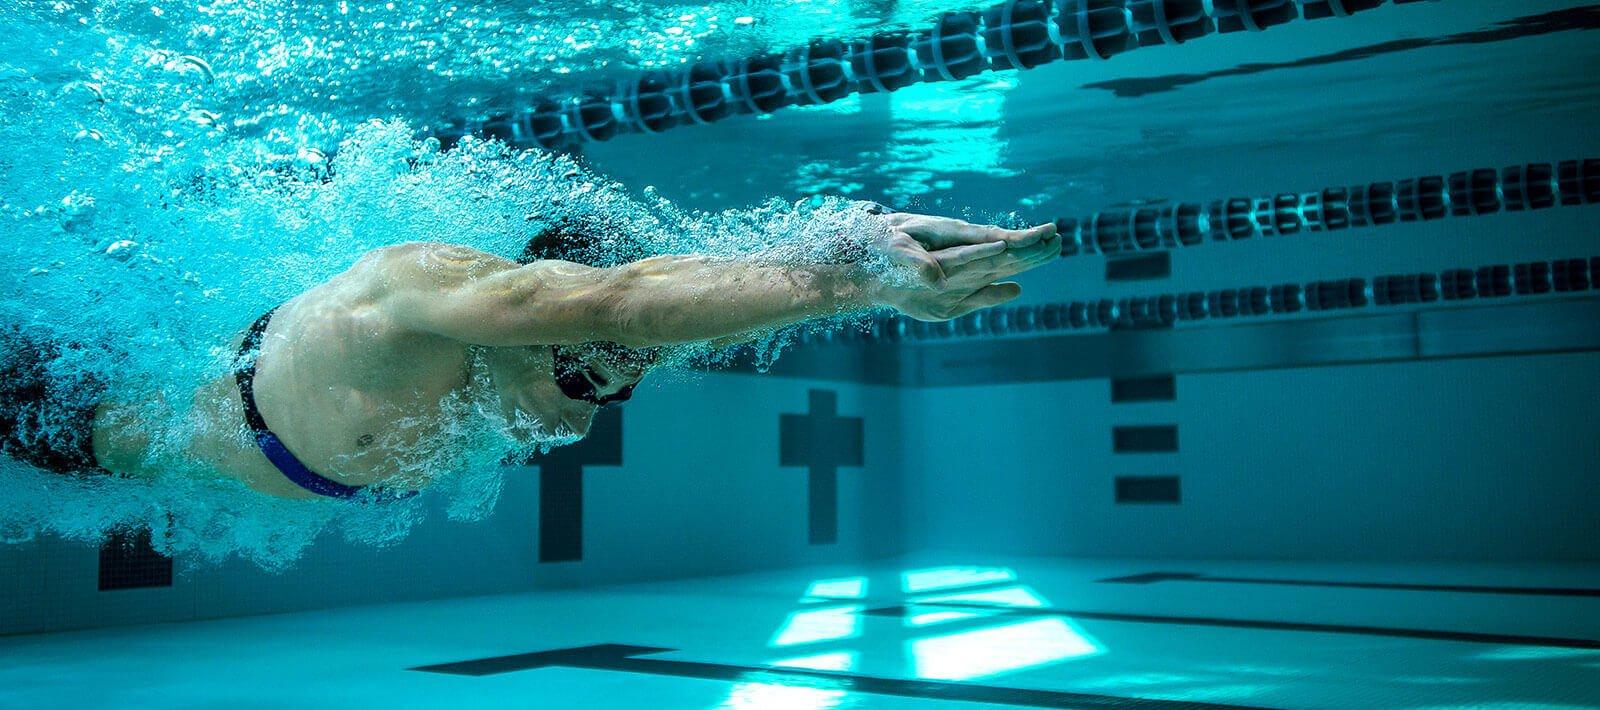 Bơi lội | Thể thao và sức khỏe | Sản phẩm | Garmin | Việt Nam | Trang chủ